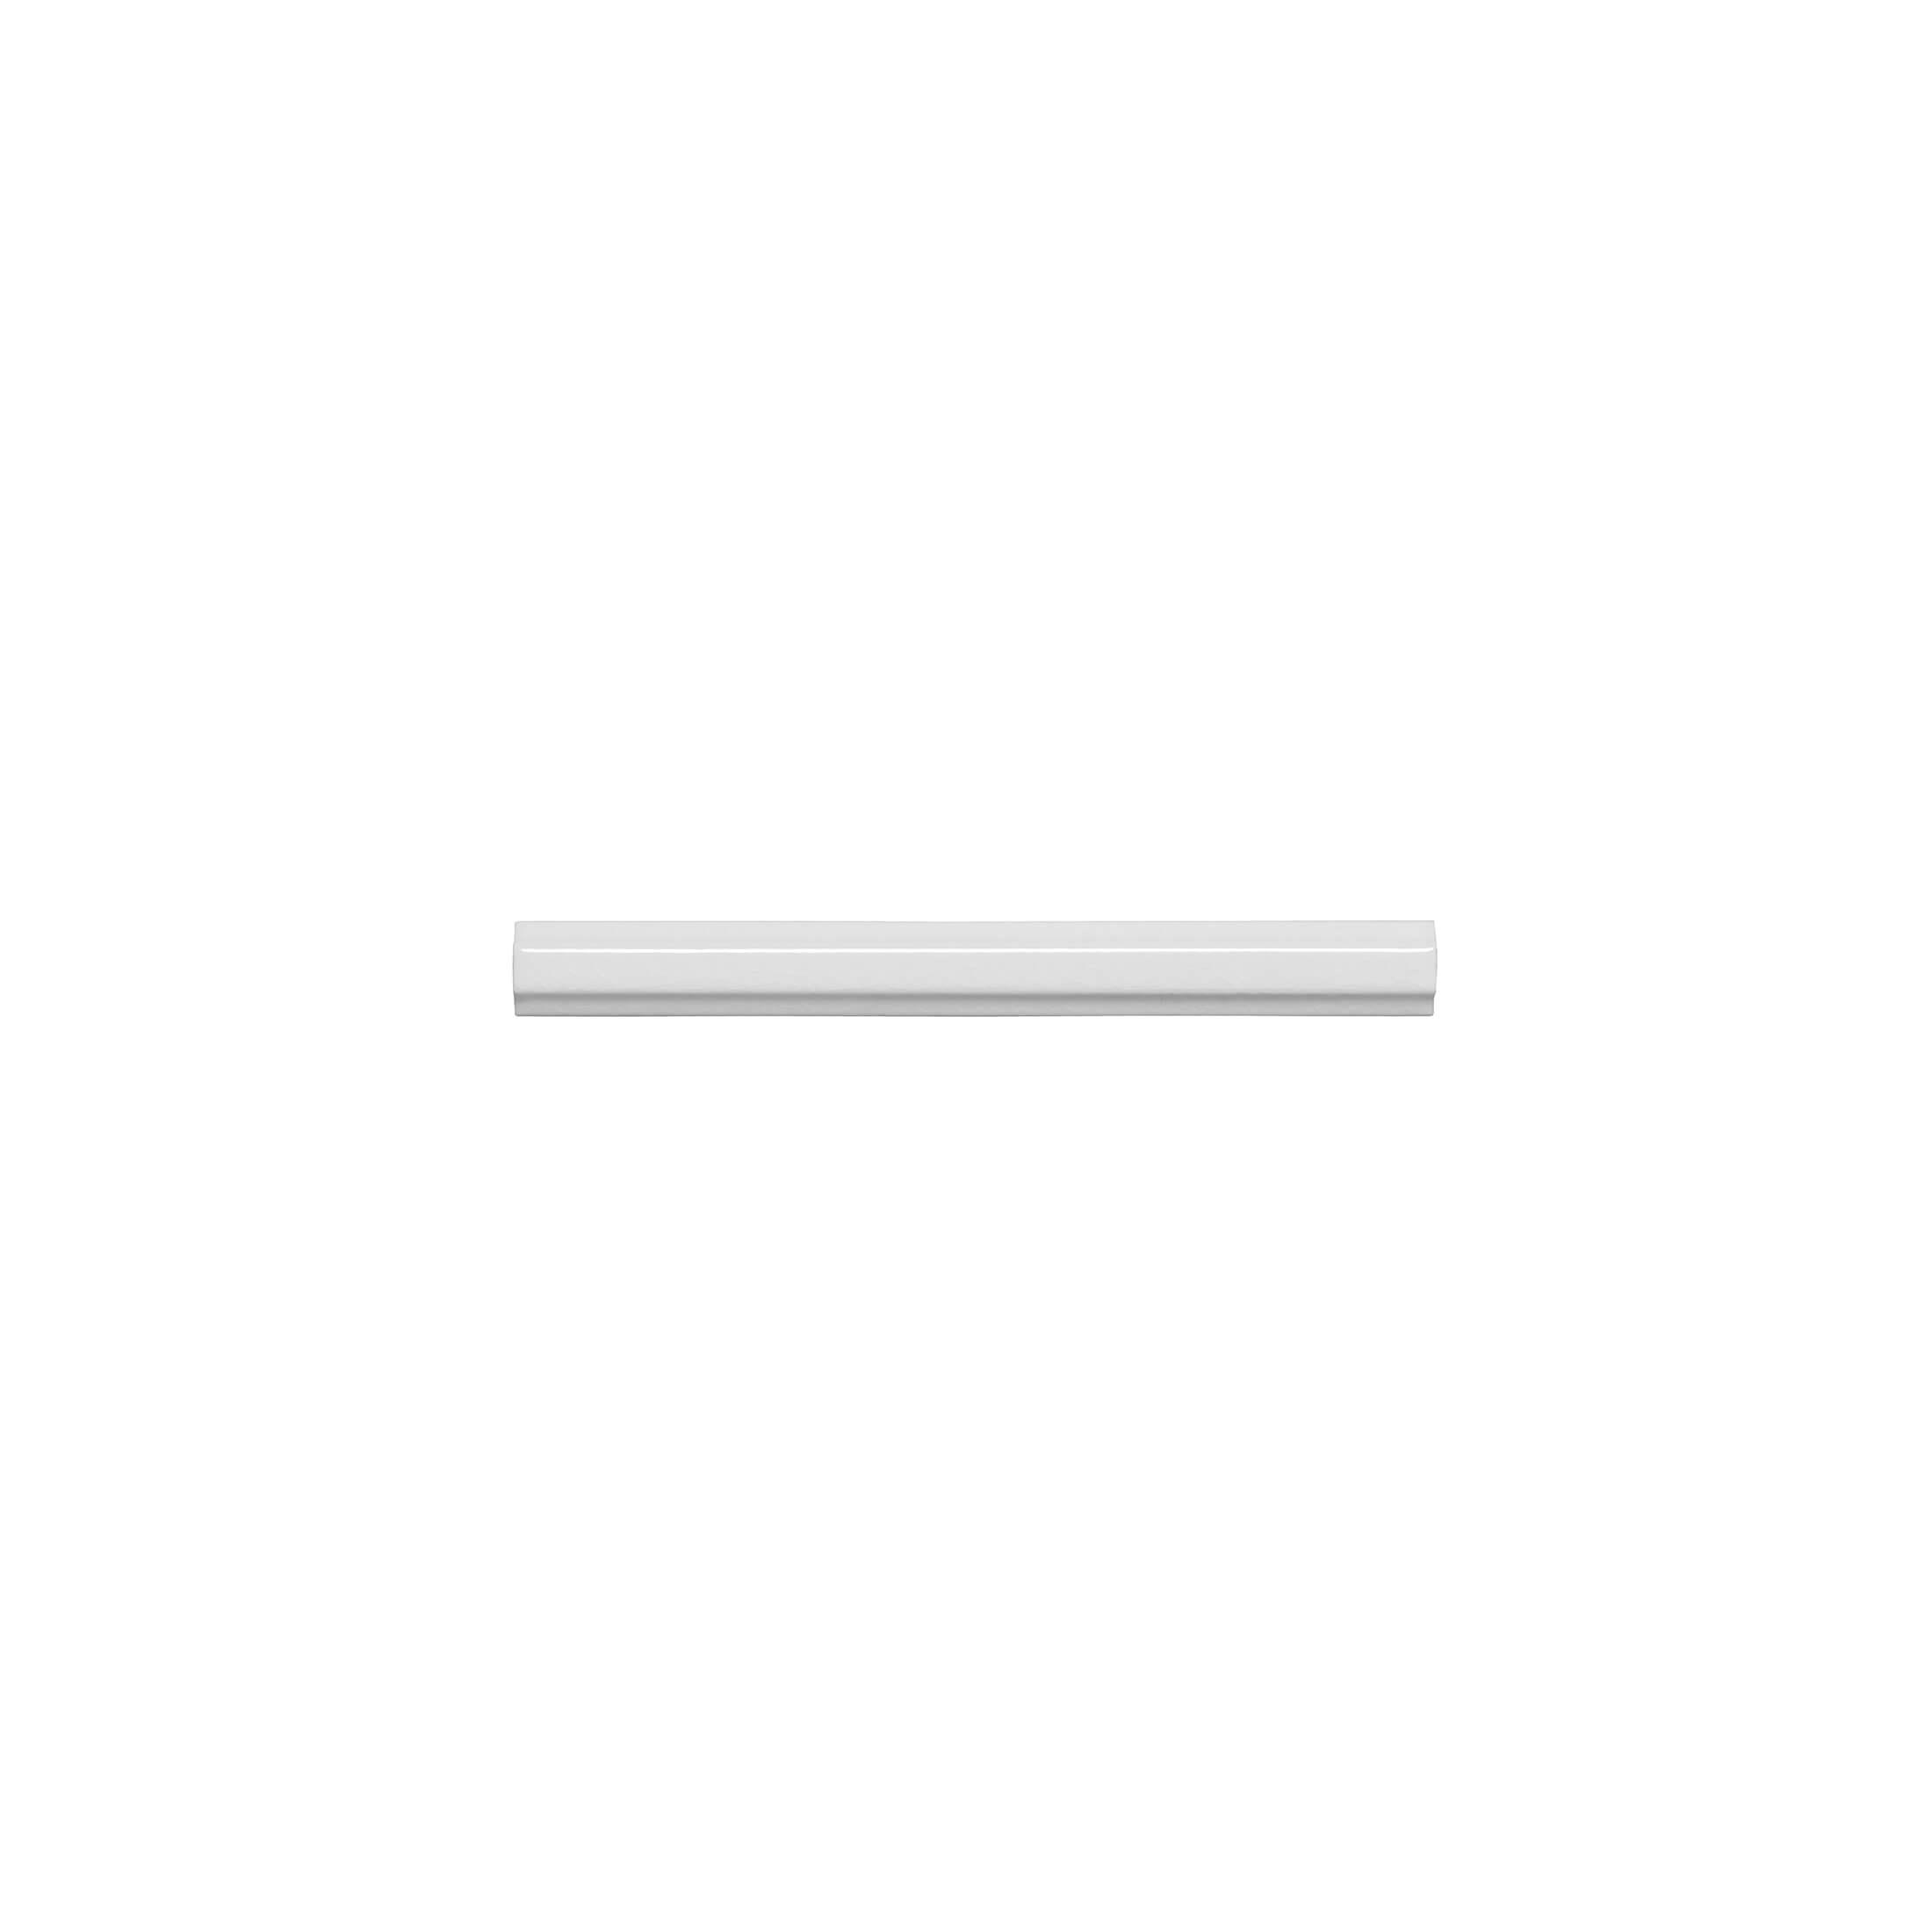 ADMO5265 - LISTELO CLASICO C/C - 1.7 cm X 15 cm